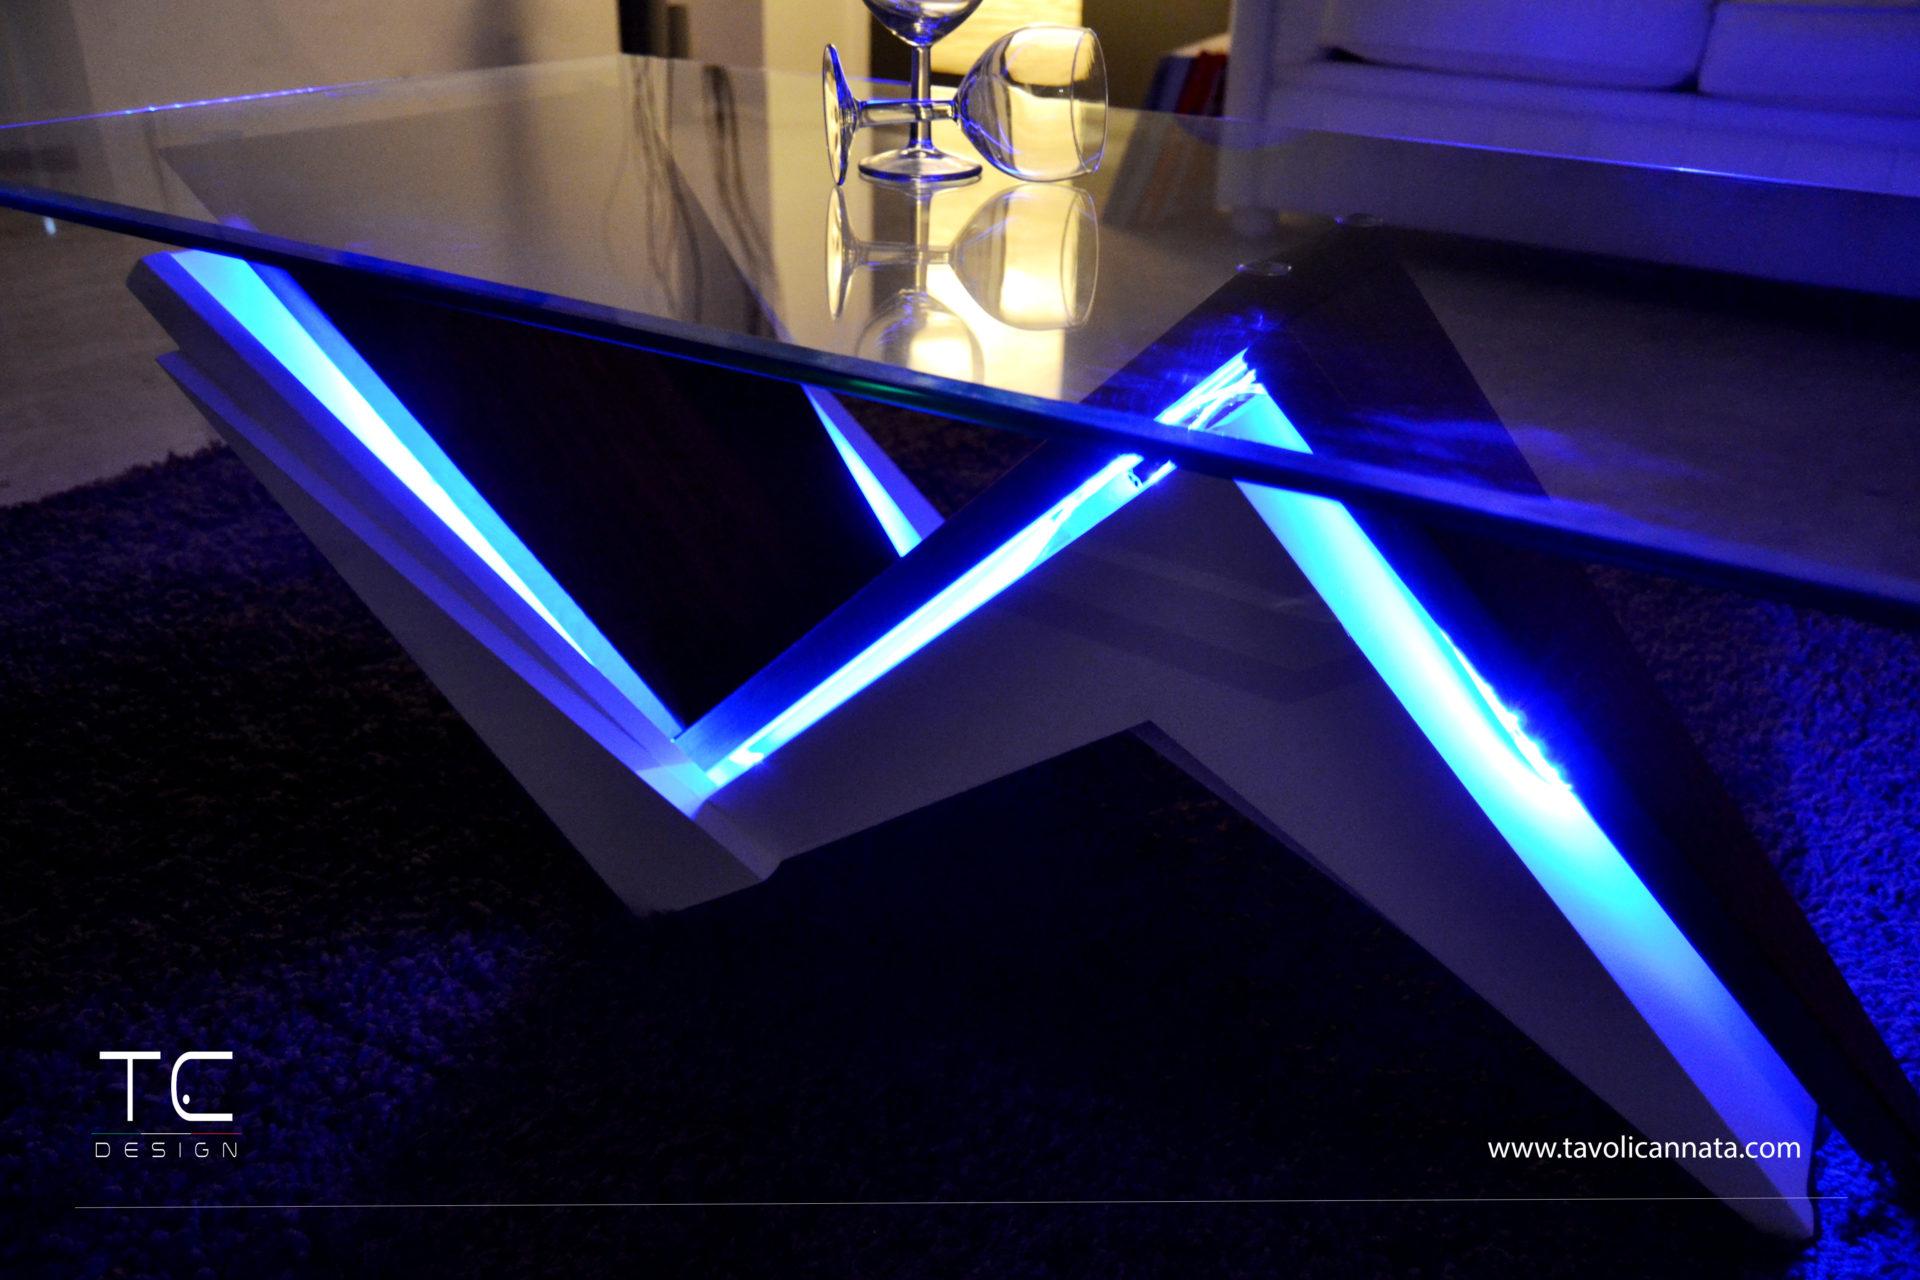 Tavolini Salotto Tavolini Da Salotto Moderni.Tavolini Da Salotto Con Led Di Design Tavoli Cannata